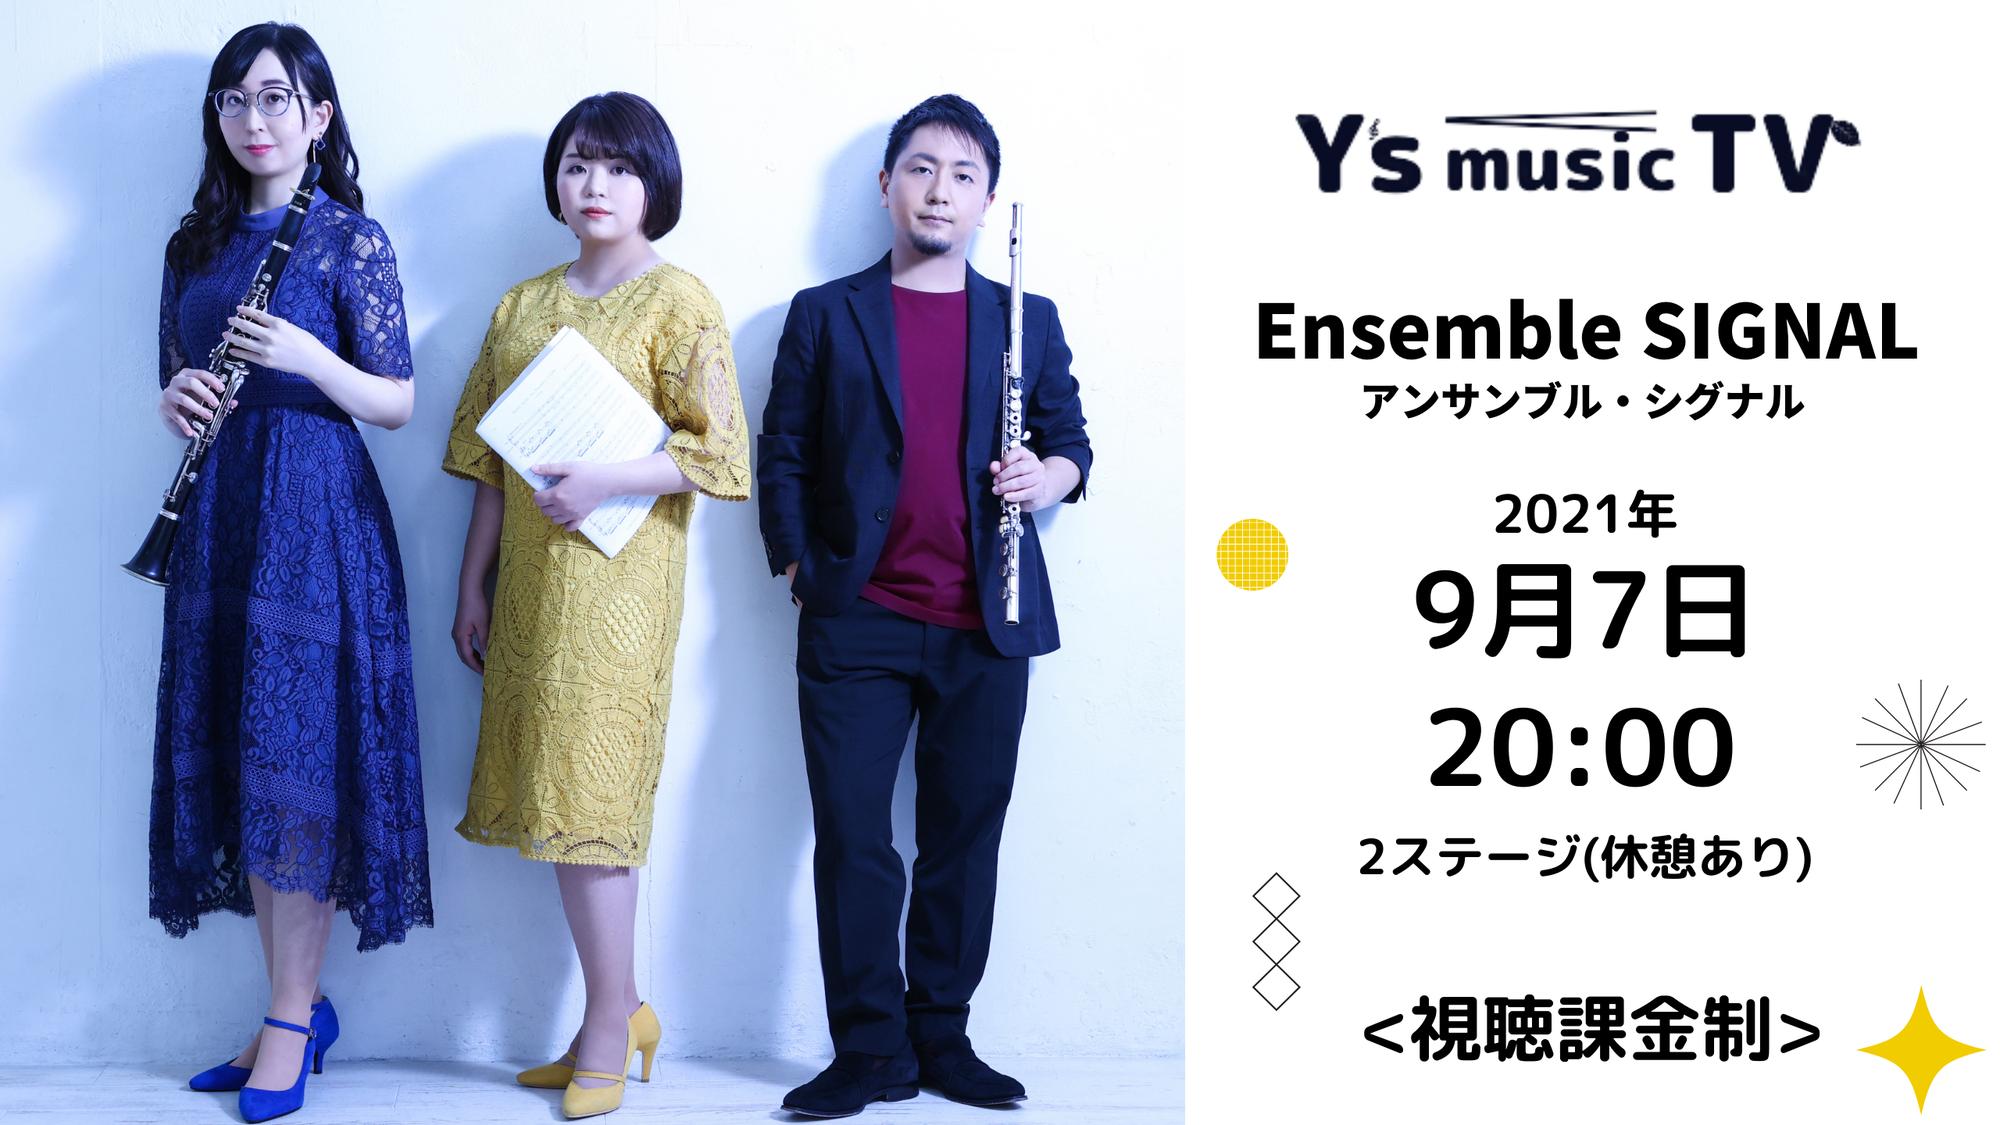 Y's music TVオンデマンド(見逃し)配信開始!(2021年9月7日 Ensemble SIGNAL)